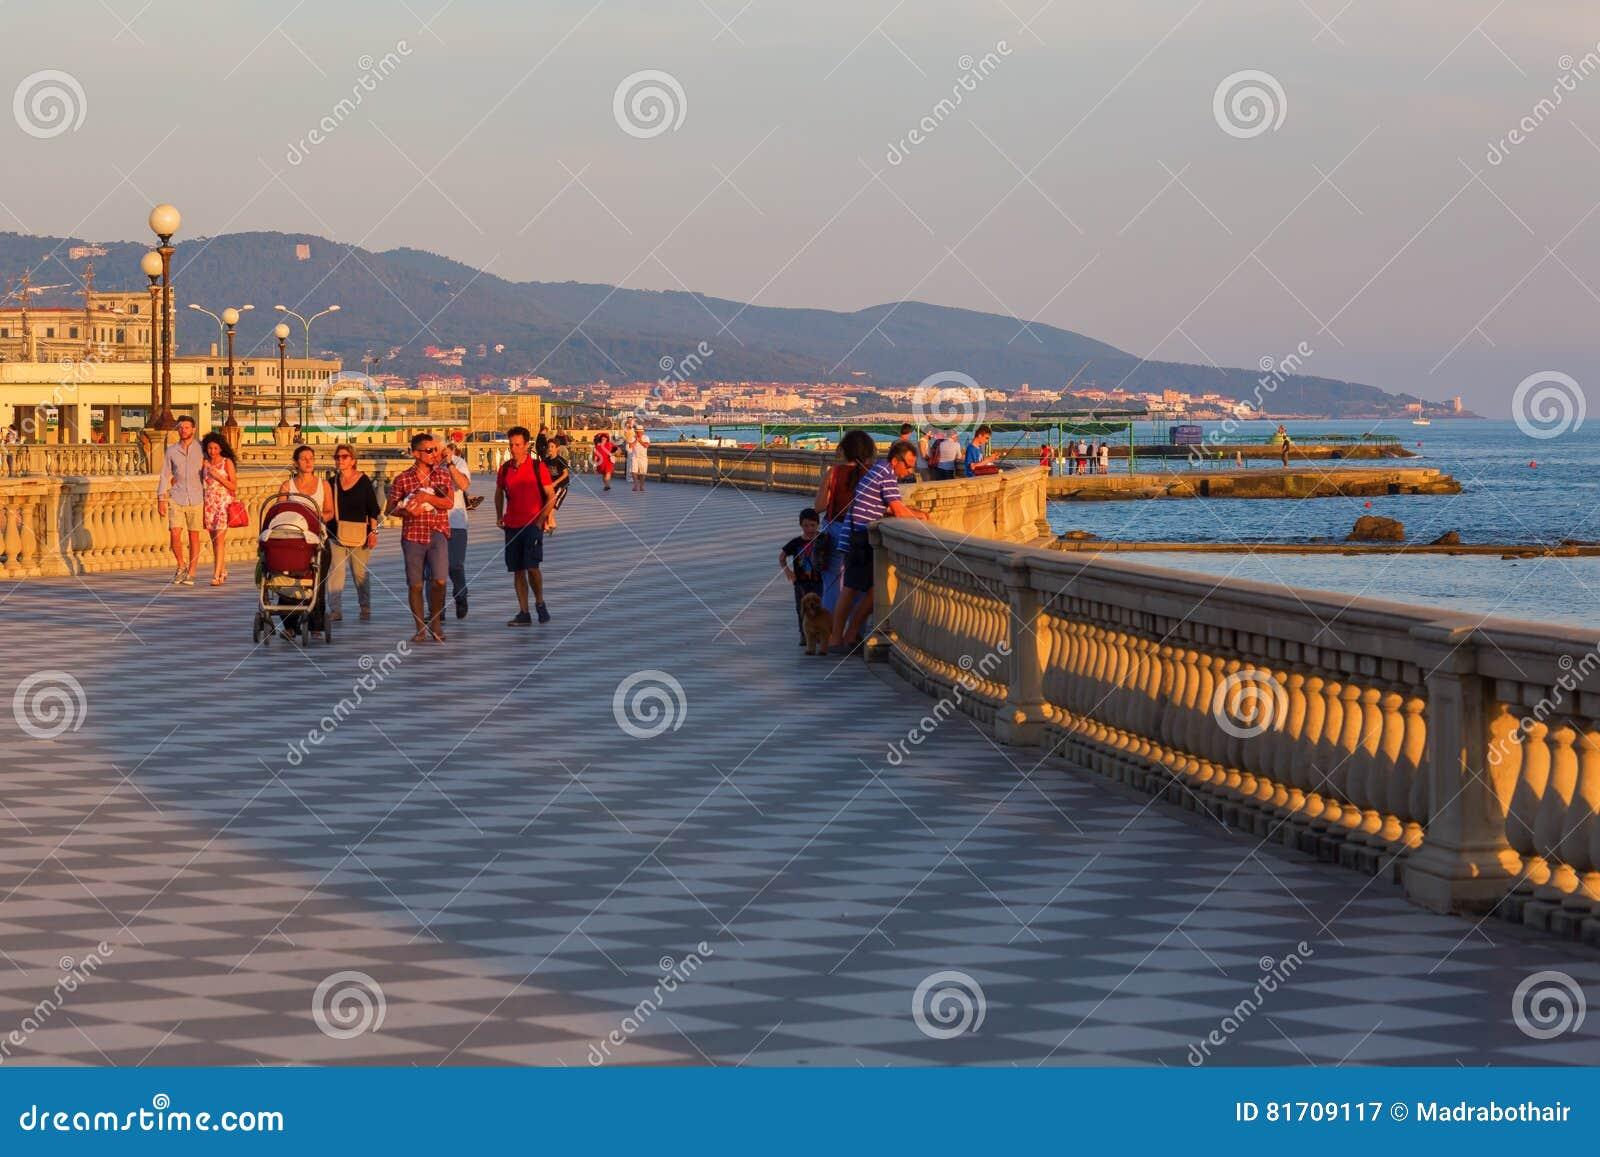 Terrazza Mascagni In Livorno, Italien Redaktionelles Stockfotografie ...